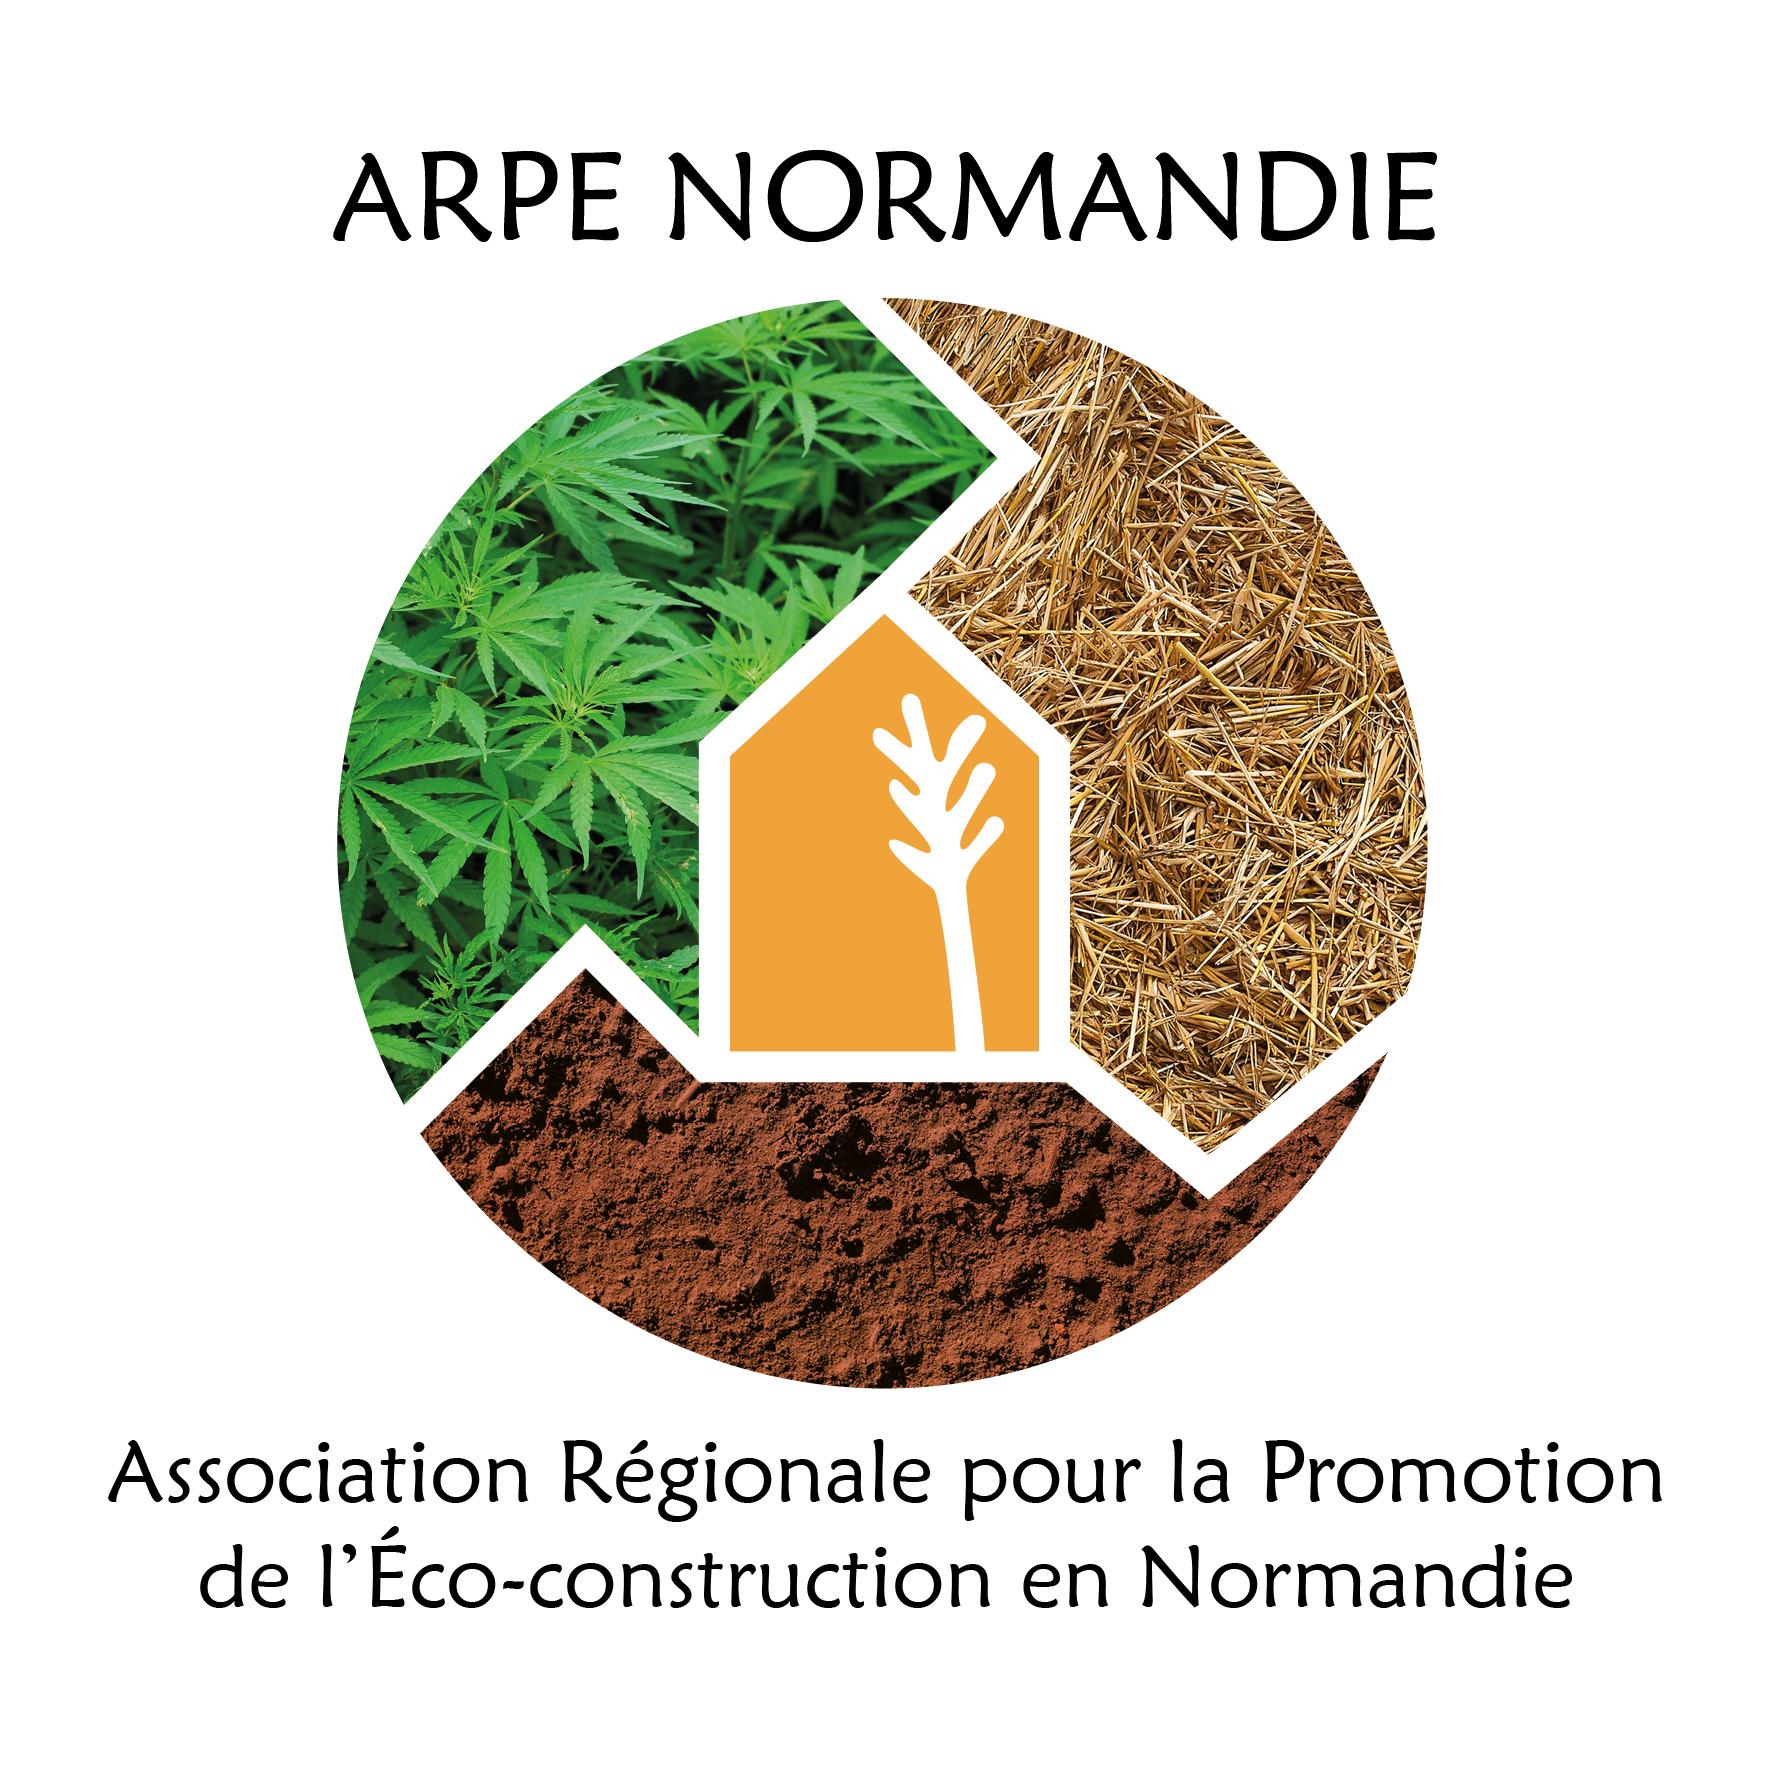 L'ARPE Normandie recrute un ingénieur en alternance pour le développement de la filière paille en Normandie